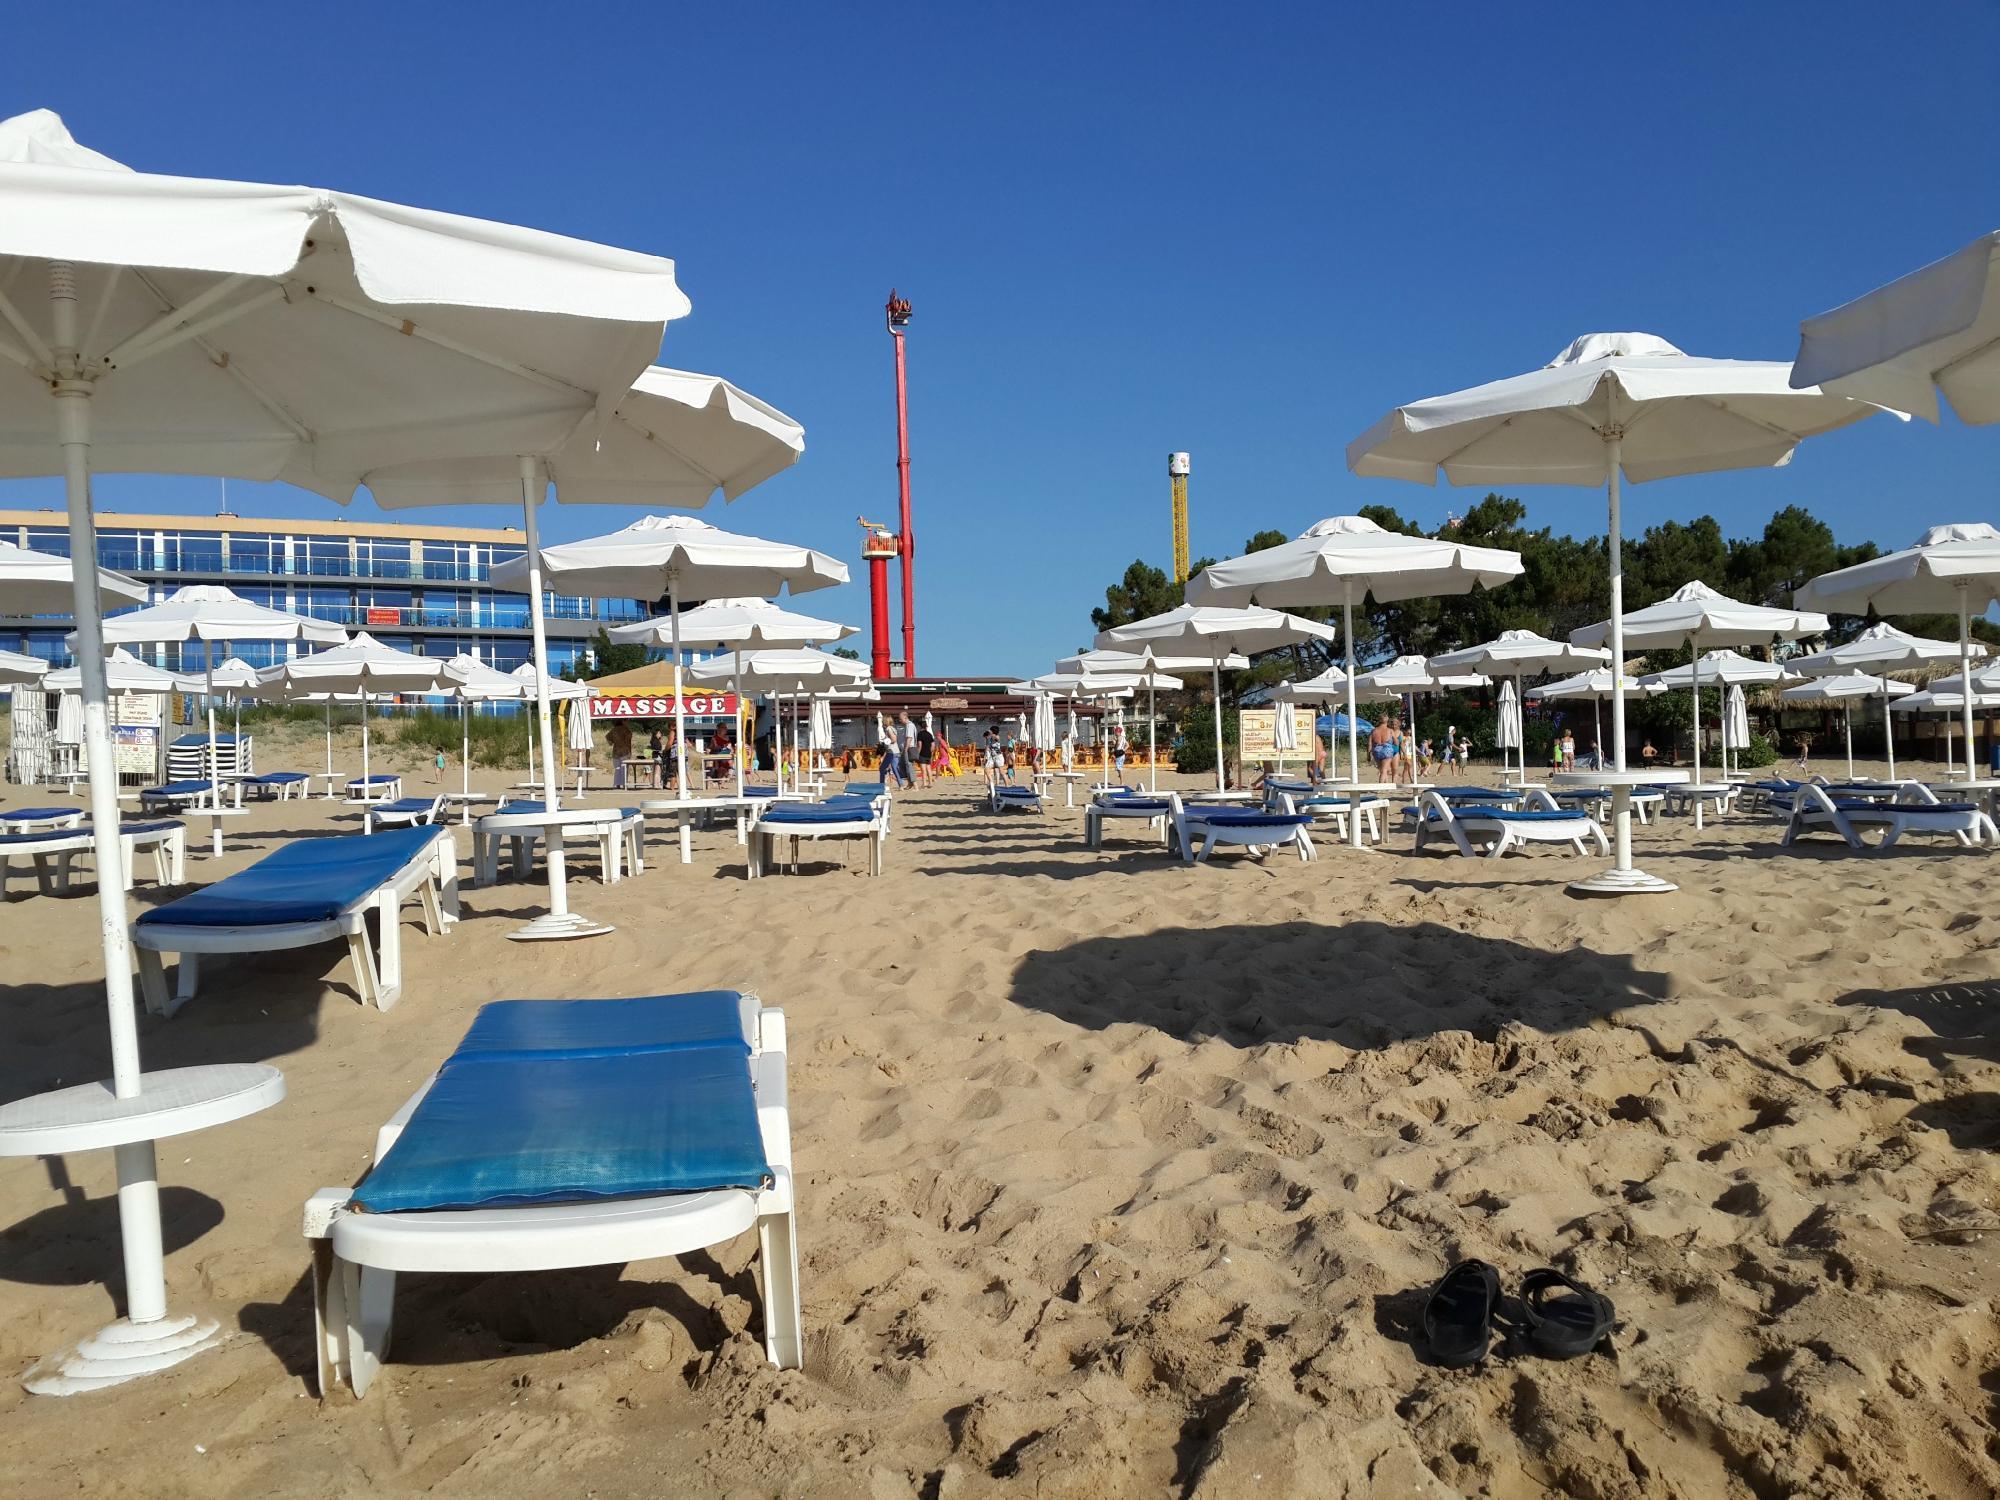 Club Hotel Bor